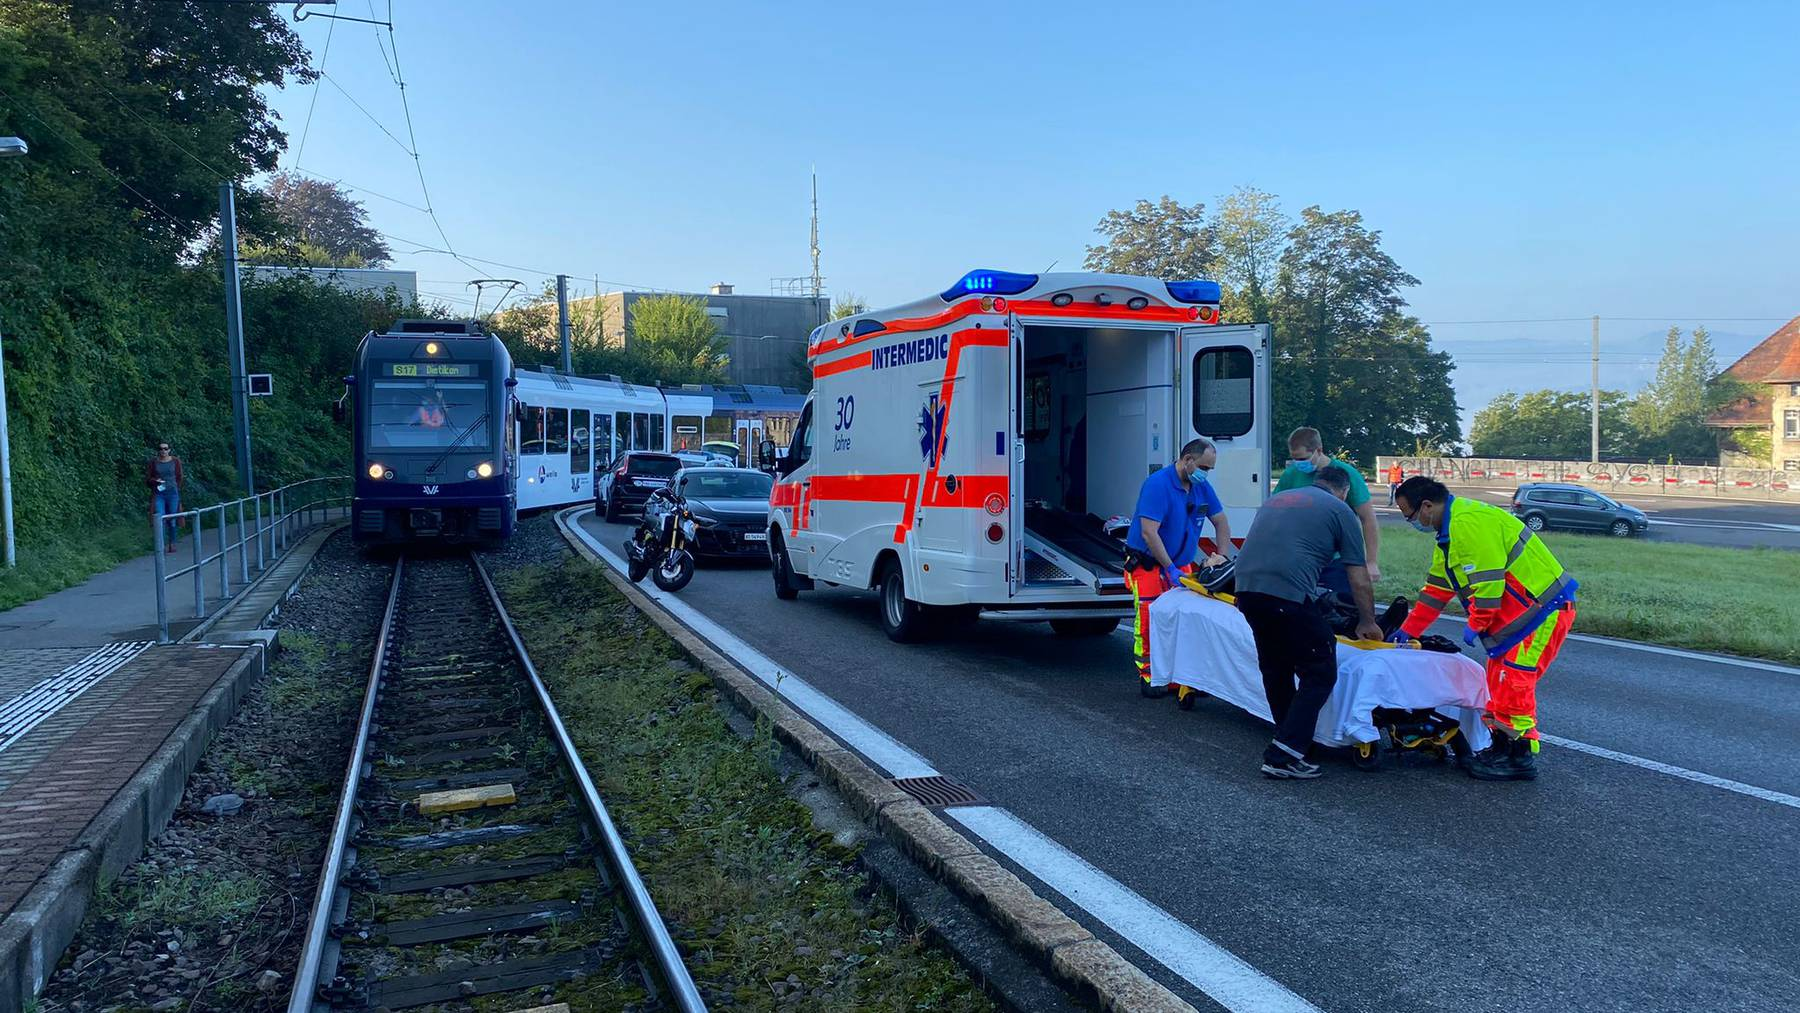 Unfall in Zufikon: Zug musste angehalten werden nach Selbstunfall eines Töfffahrers